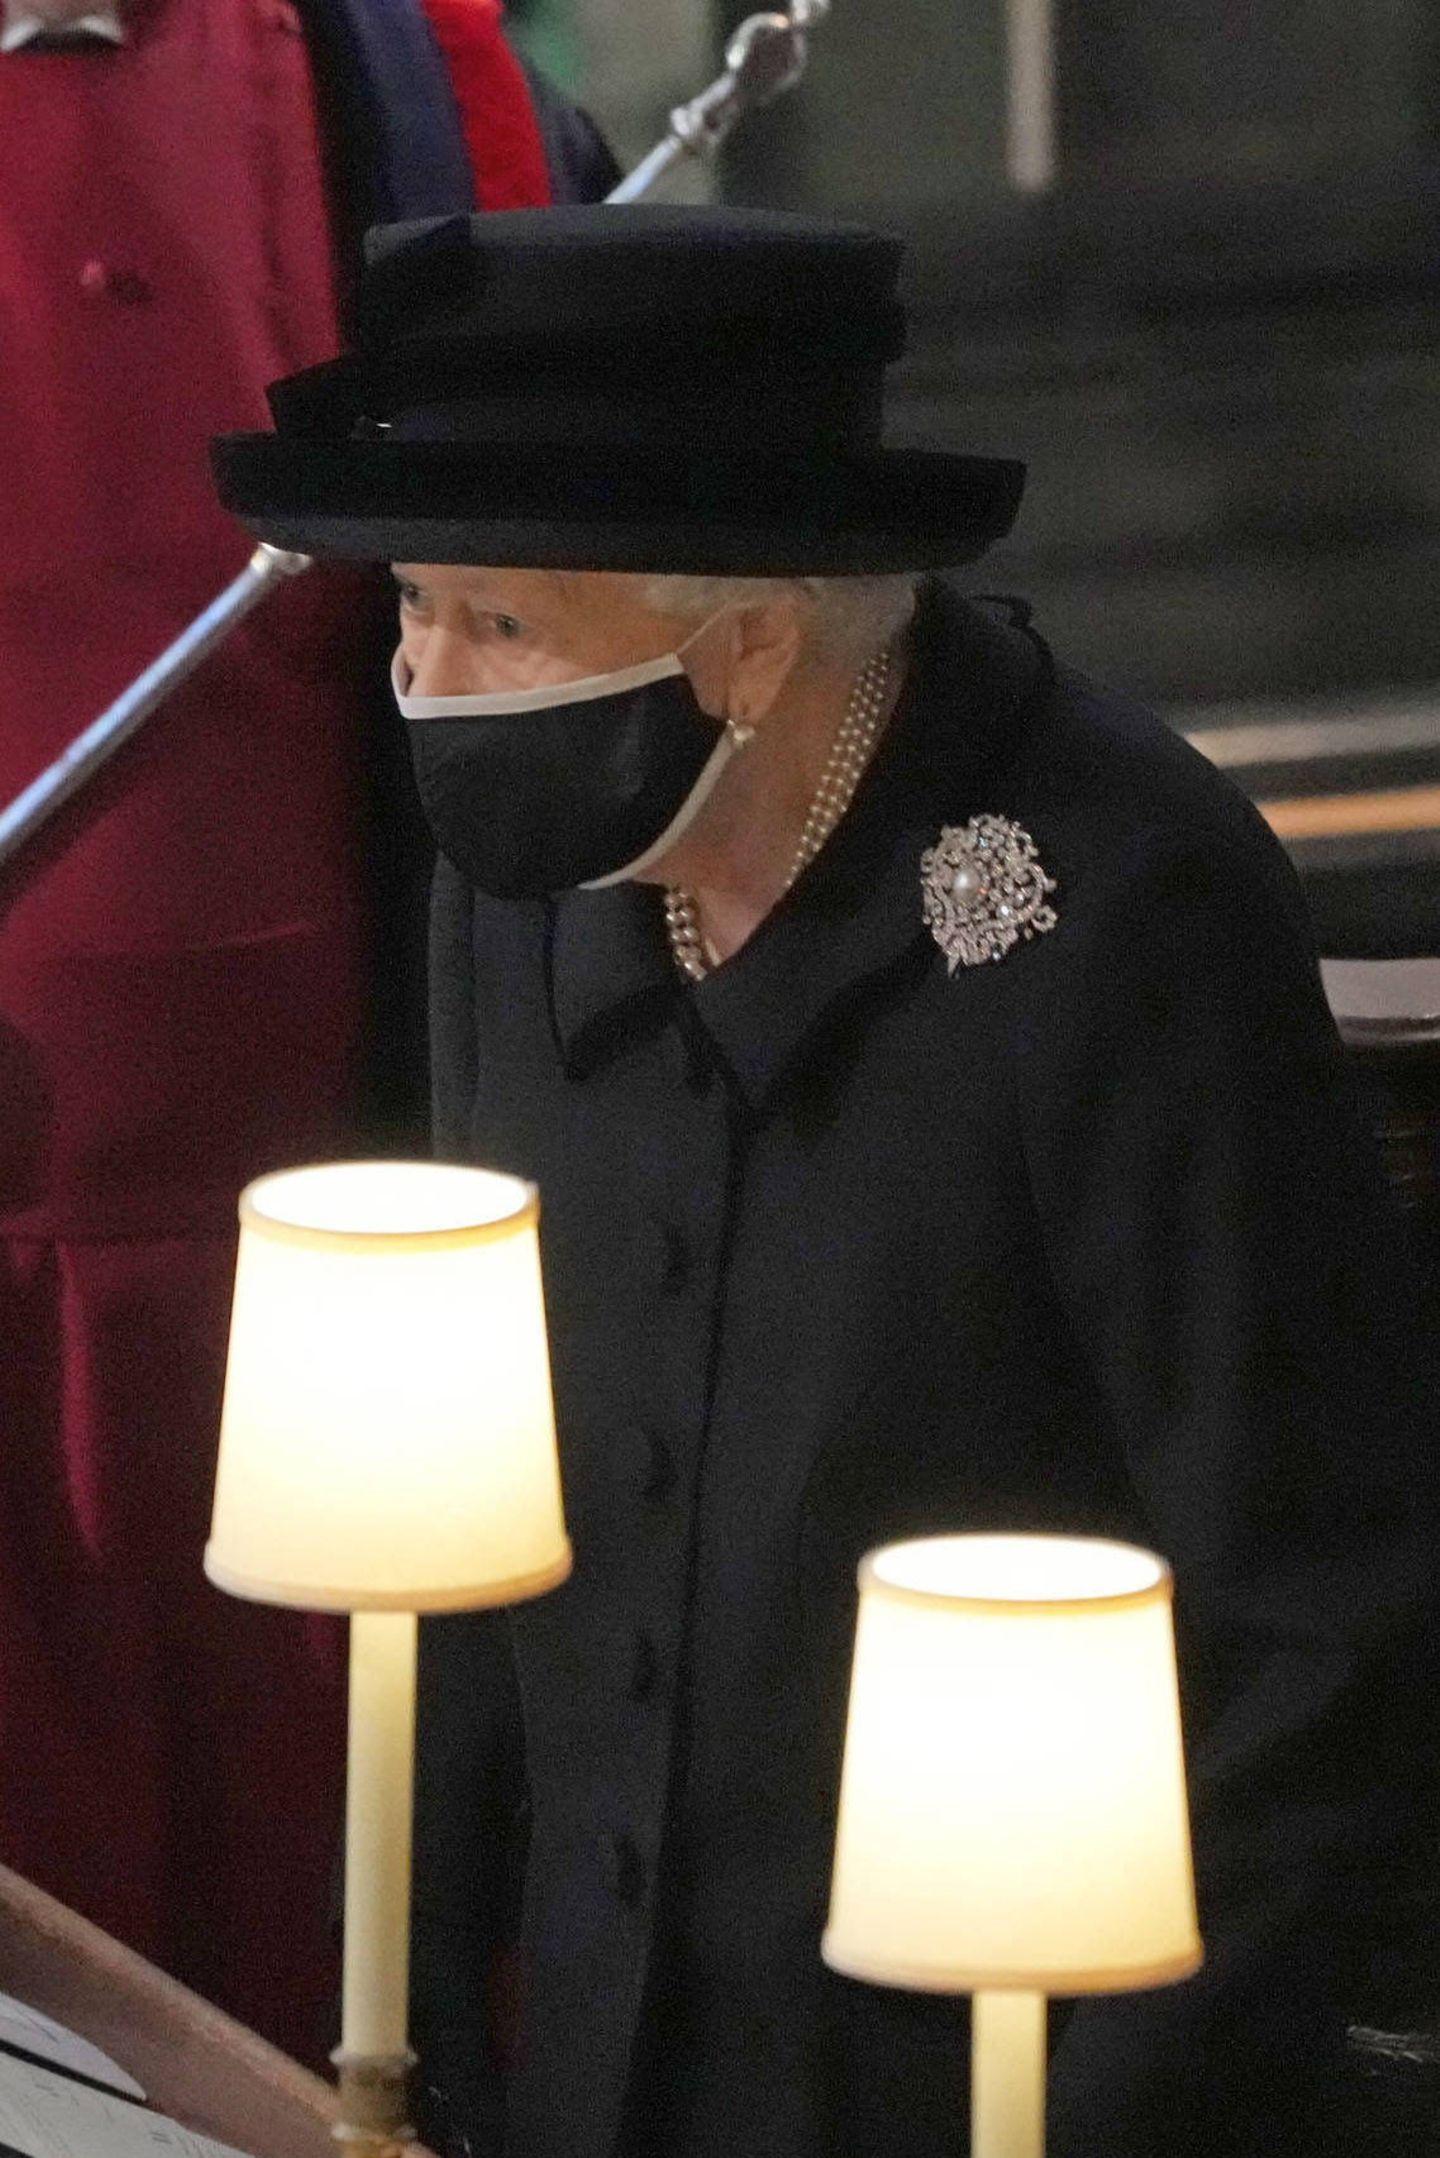 """Am Mantel der Queen ist die bedeutungsvolle """"Richmond""""-Brosche angesteckt. Mary, die Großmutter der Queen,hatte sie zur Hochzeit geschenkt bekommen und später an ihre Enkelin vererbt."""